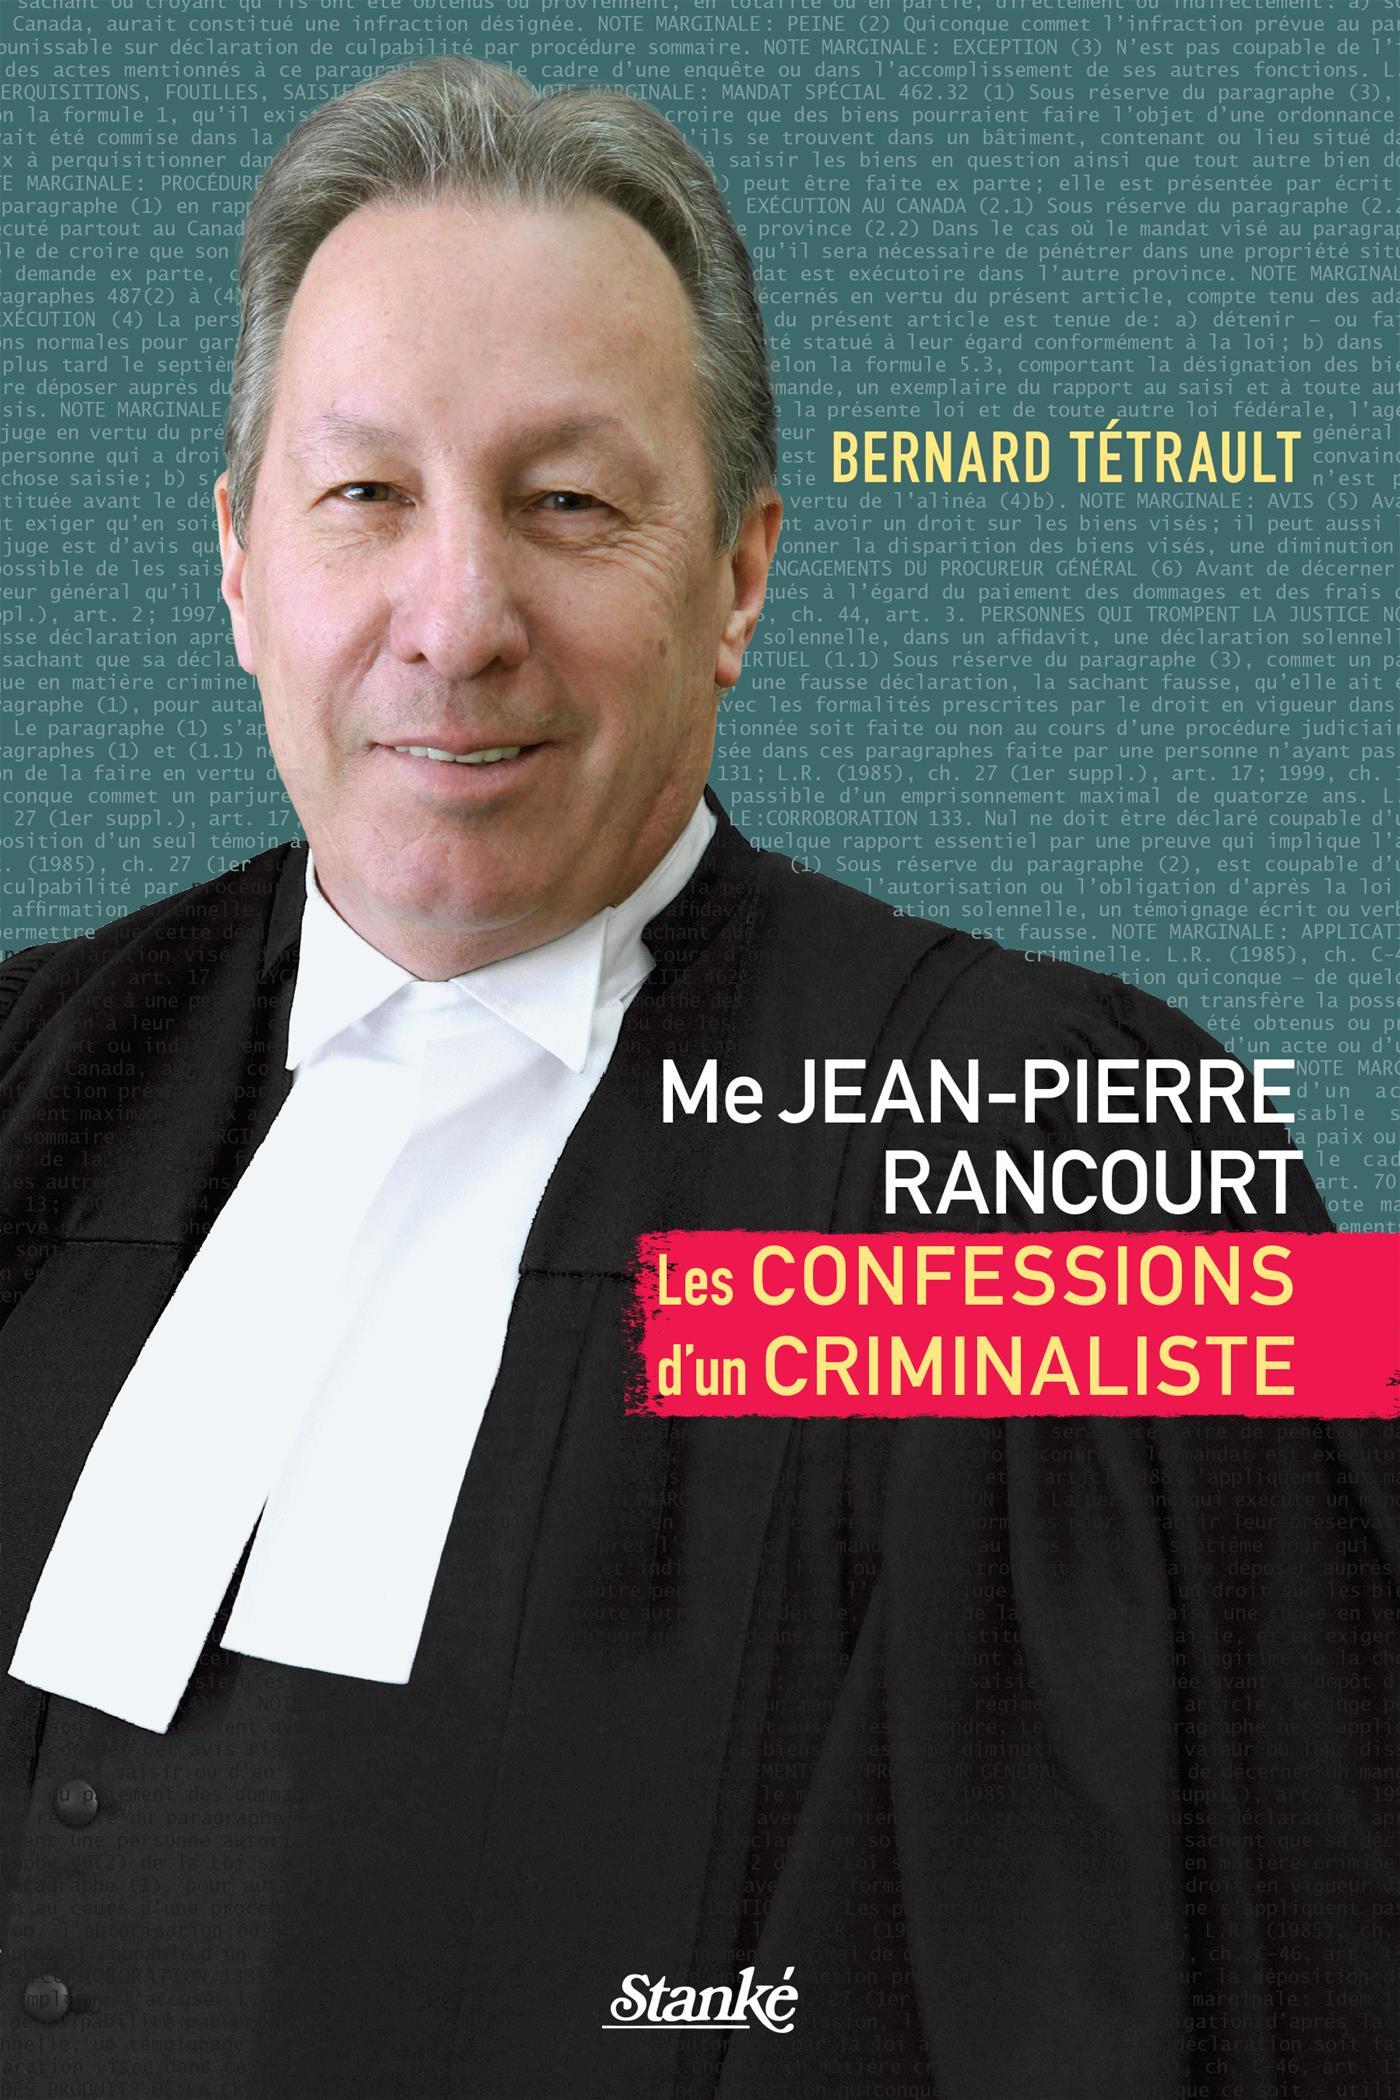 Me Jean-Pierre Rancourt